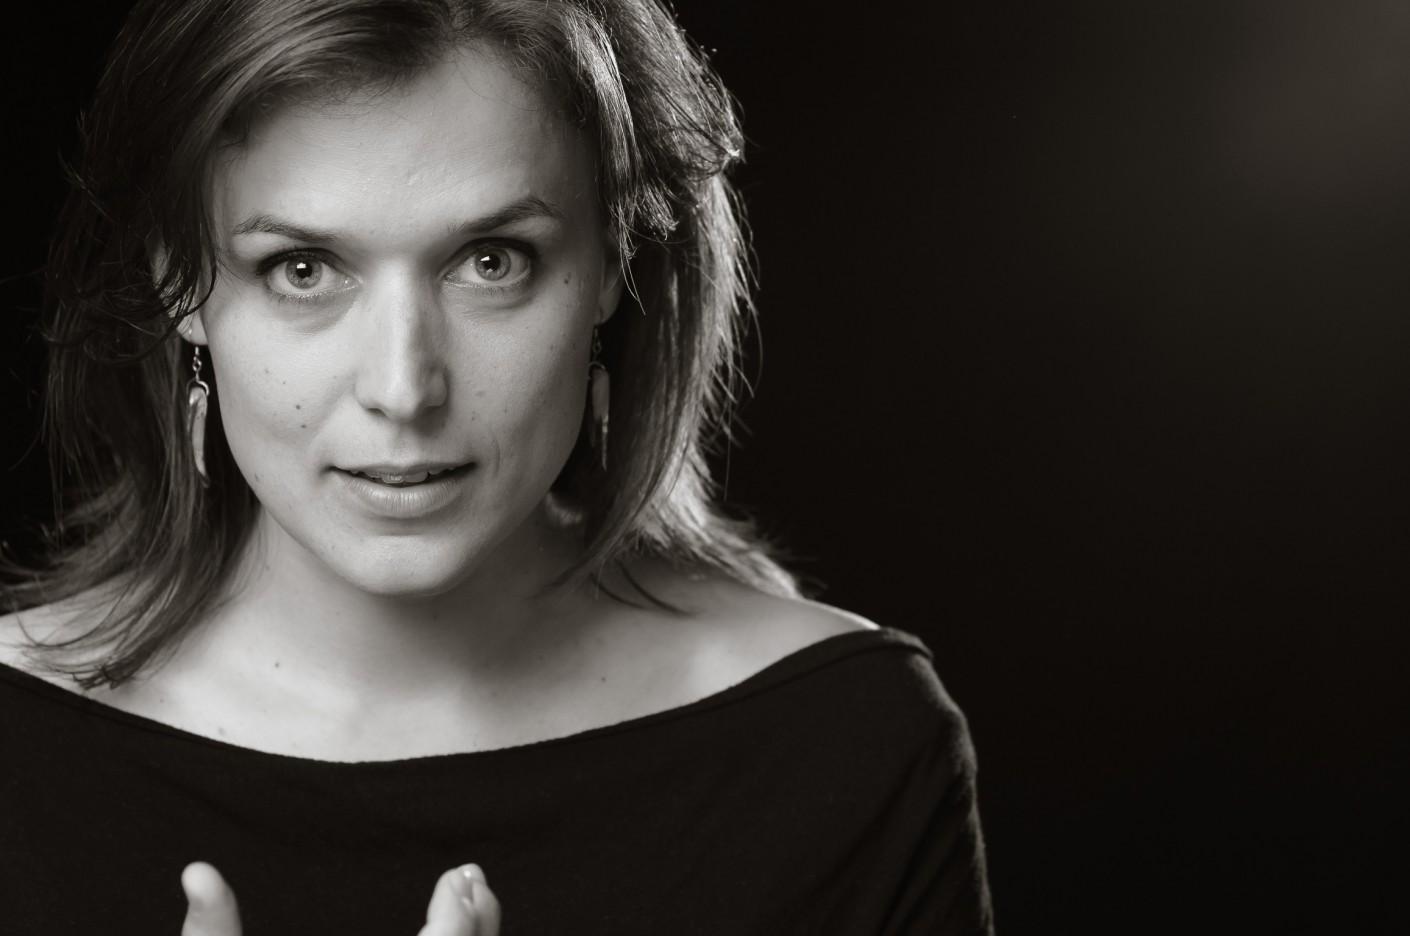 """Casting : Catherine """"Gazelle"""" LeSaunier -, KW:  Artiste, Cheveux bruns, FondNoir, Fonds, Musicien, Noir & Blanc, Physique"""